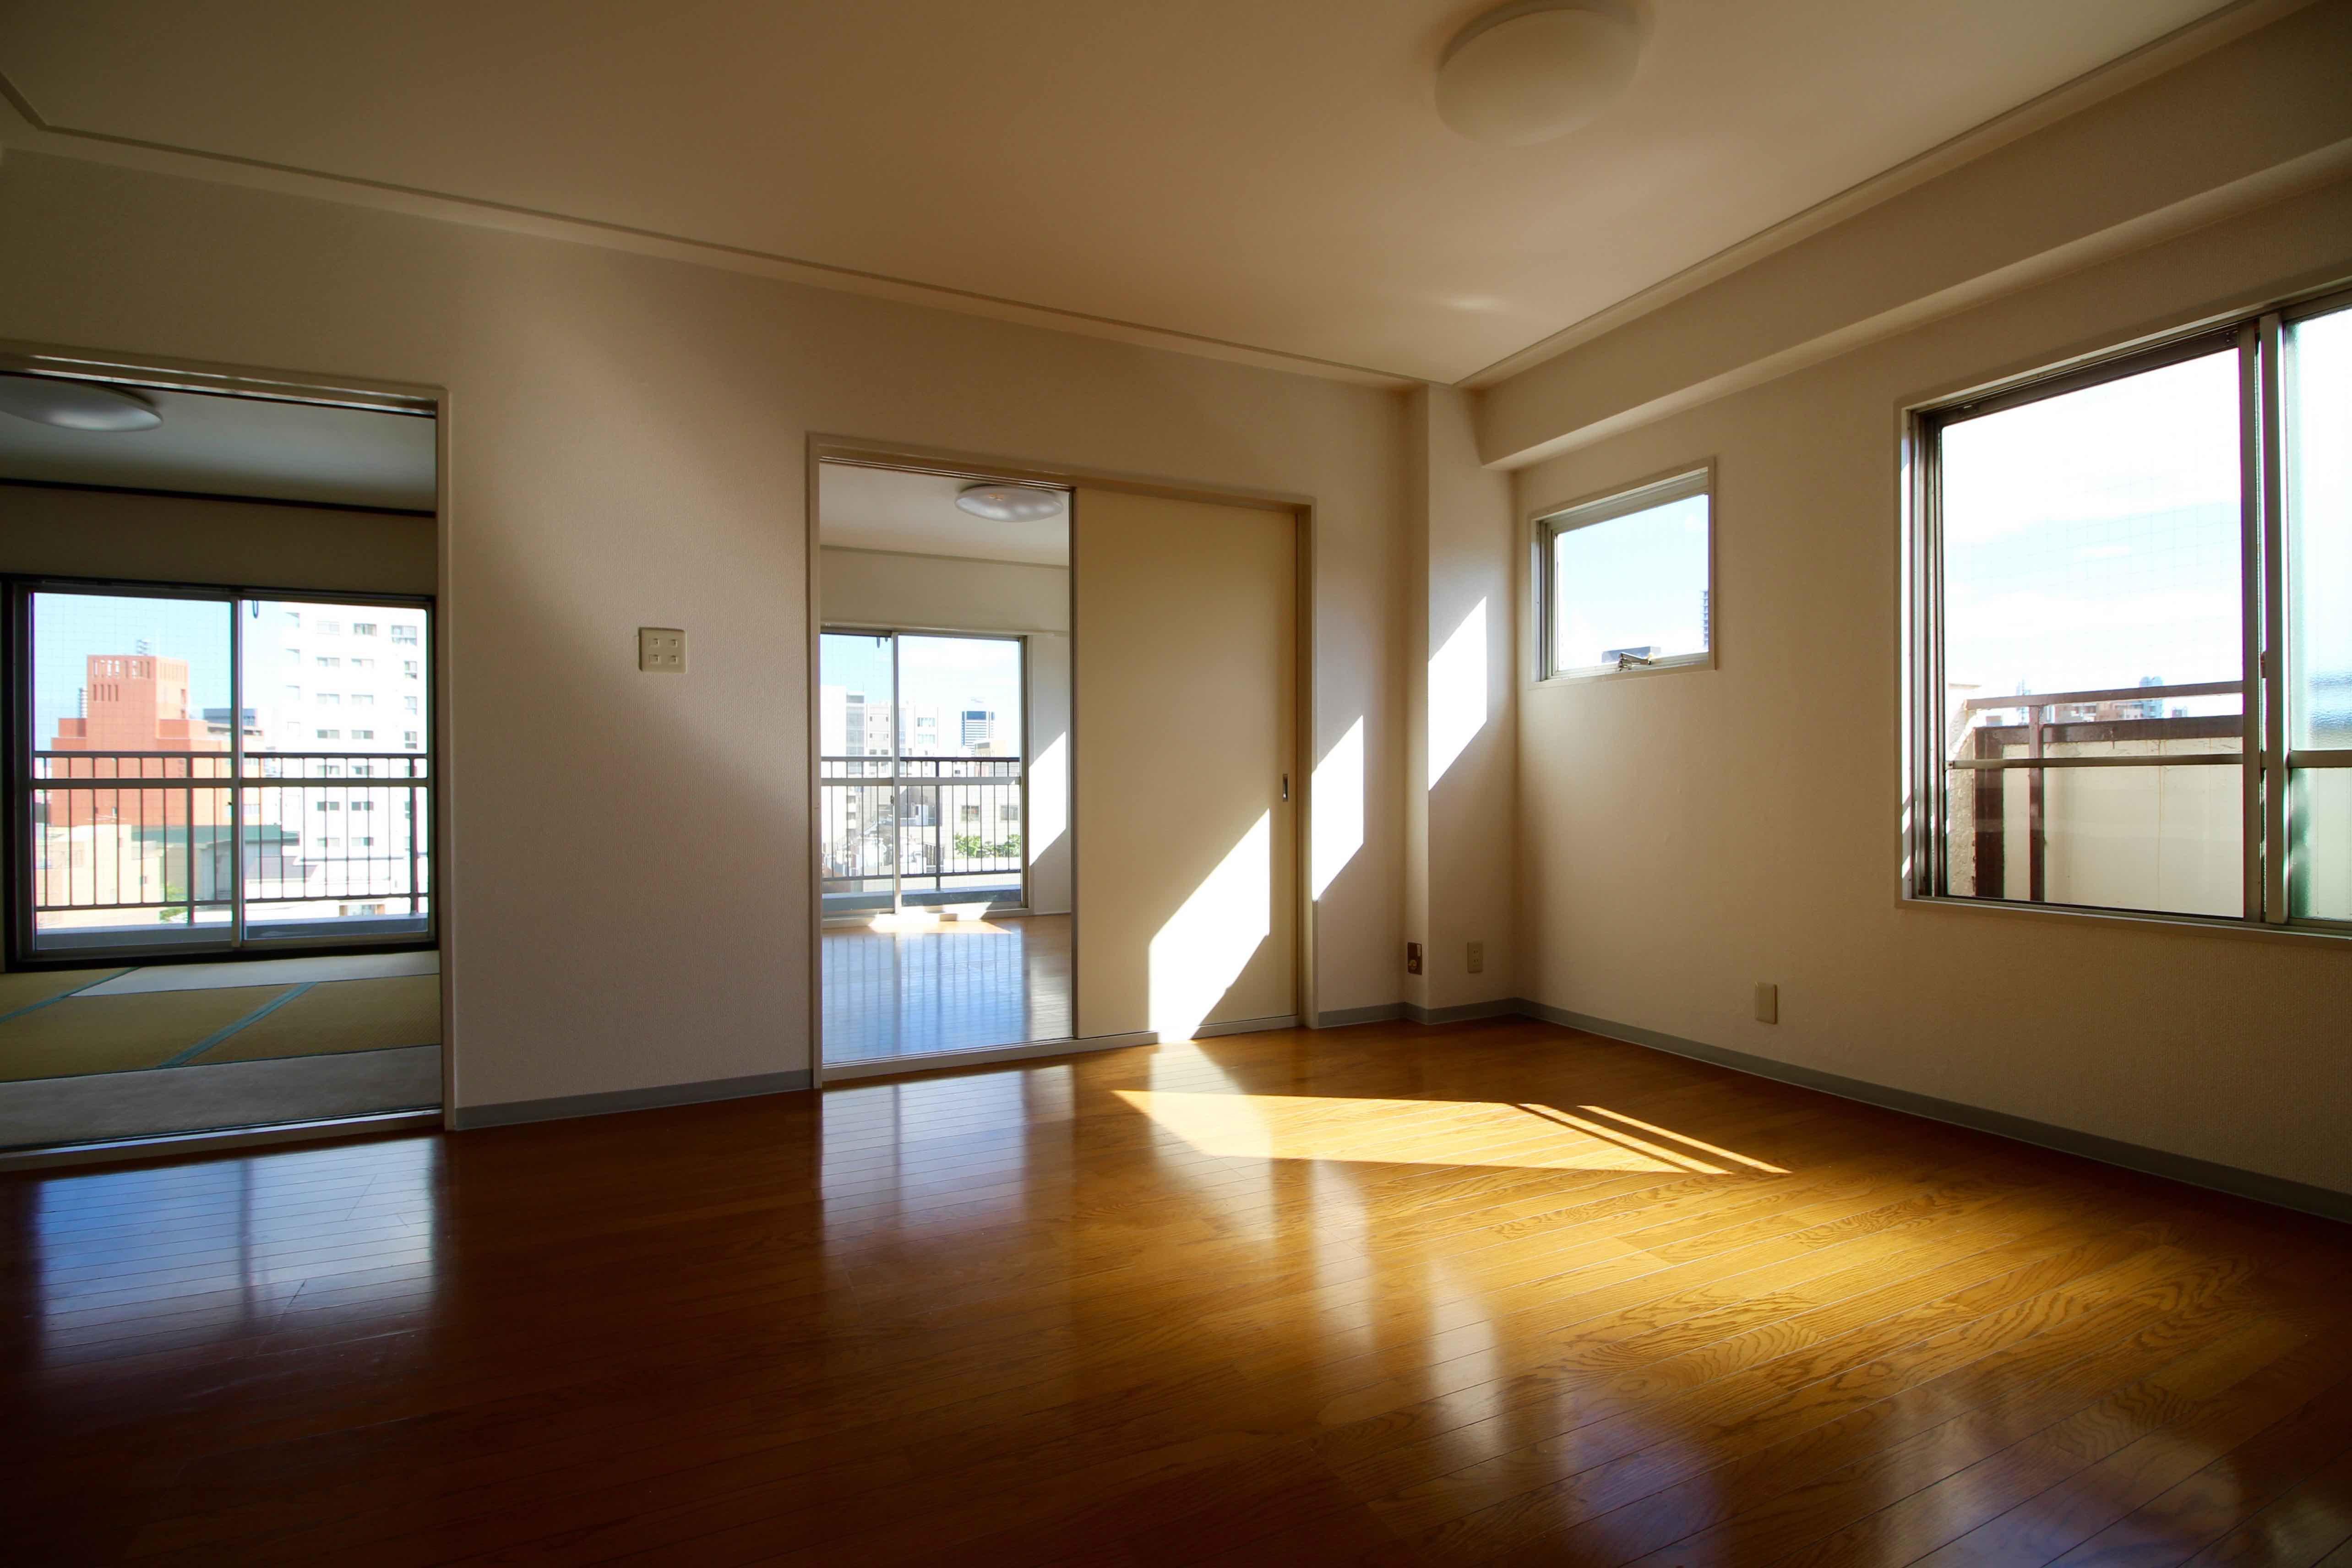 窓が多く、明るくて風通しもいい